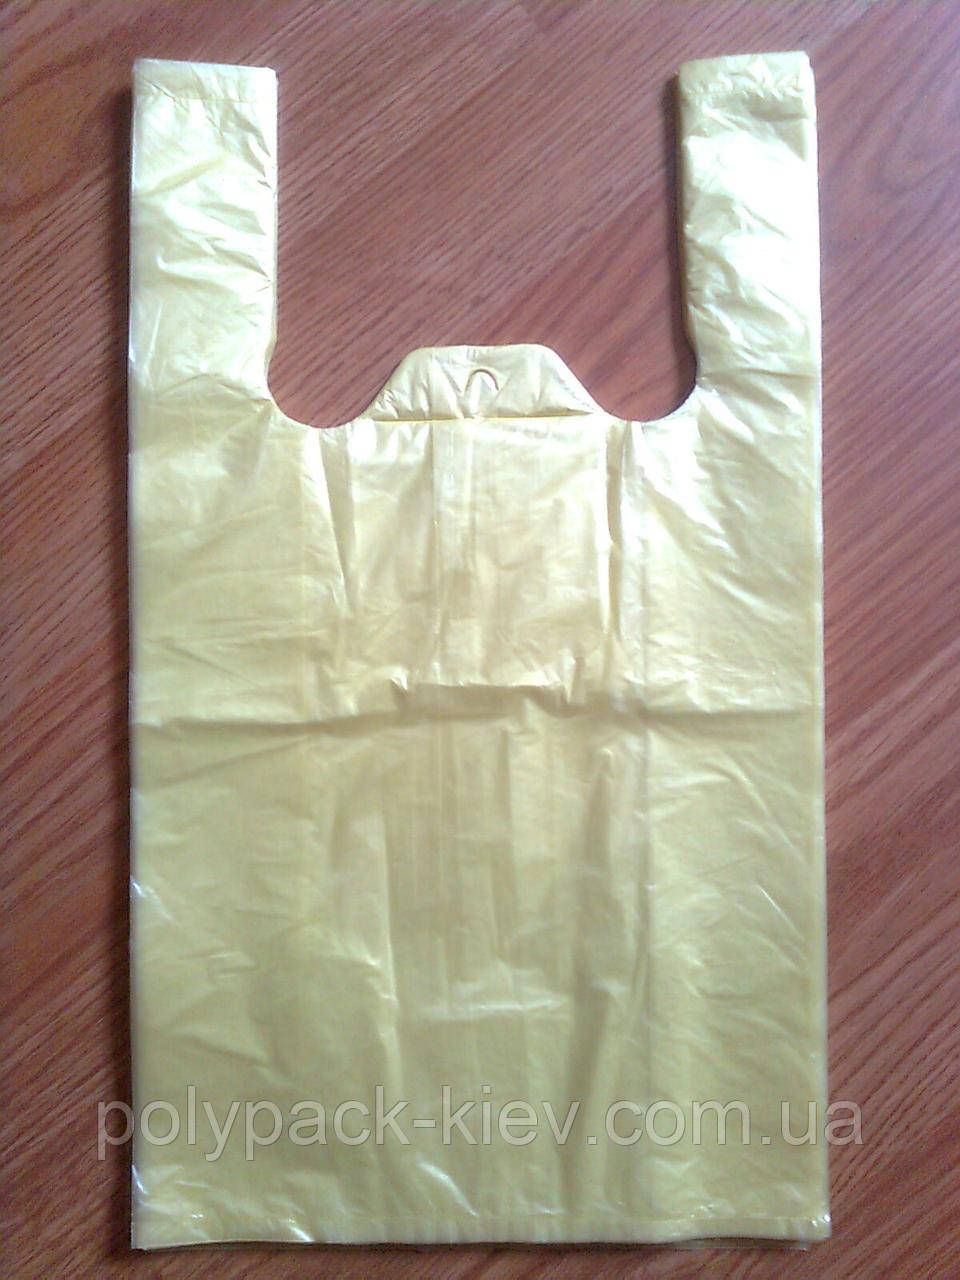 Пакети майка 24*42 /10 мкм, 200 шт. уп. фасувальний пакет з ручками, поліетиленові пакети пакувальні купити